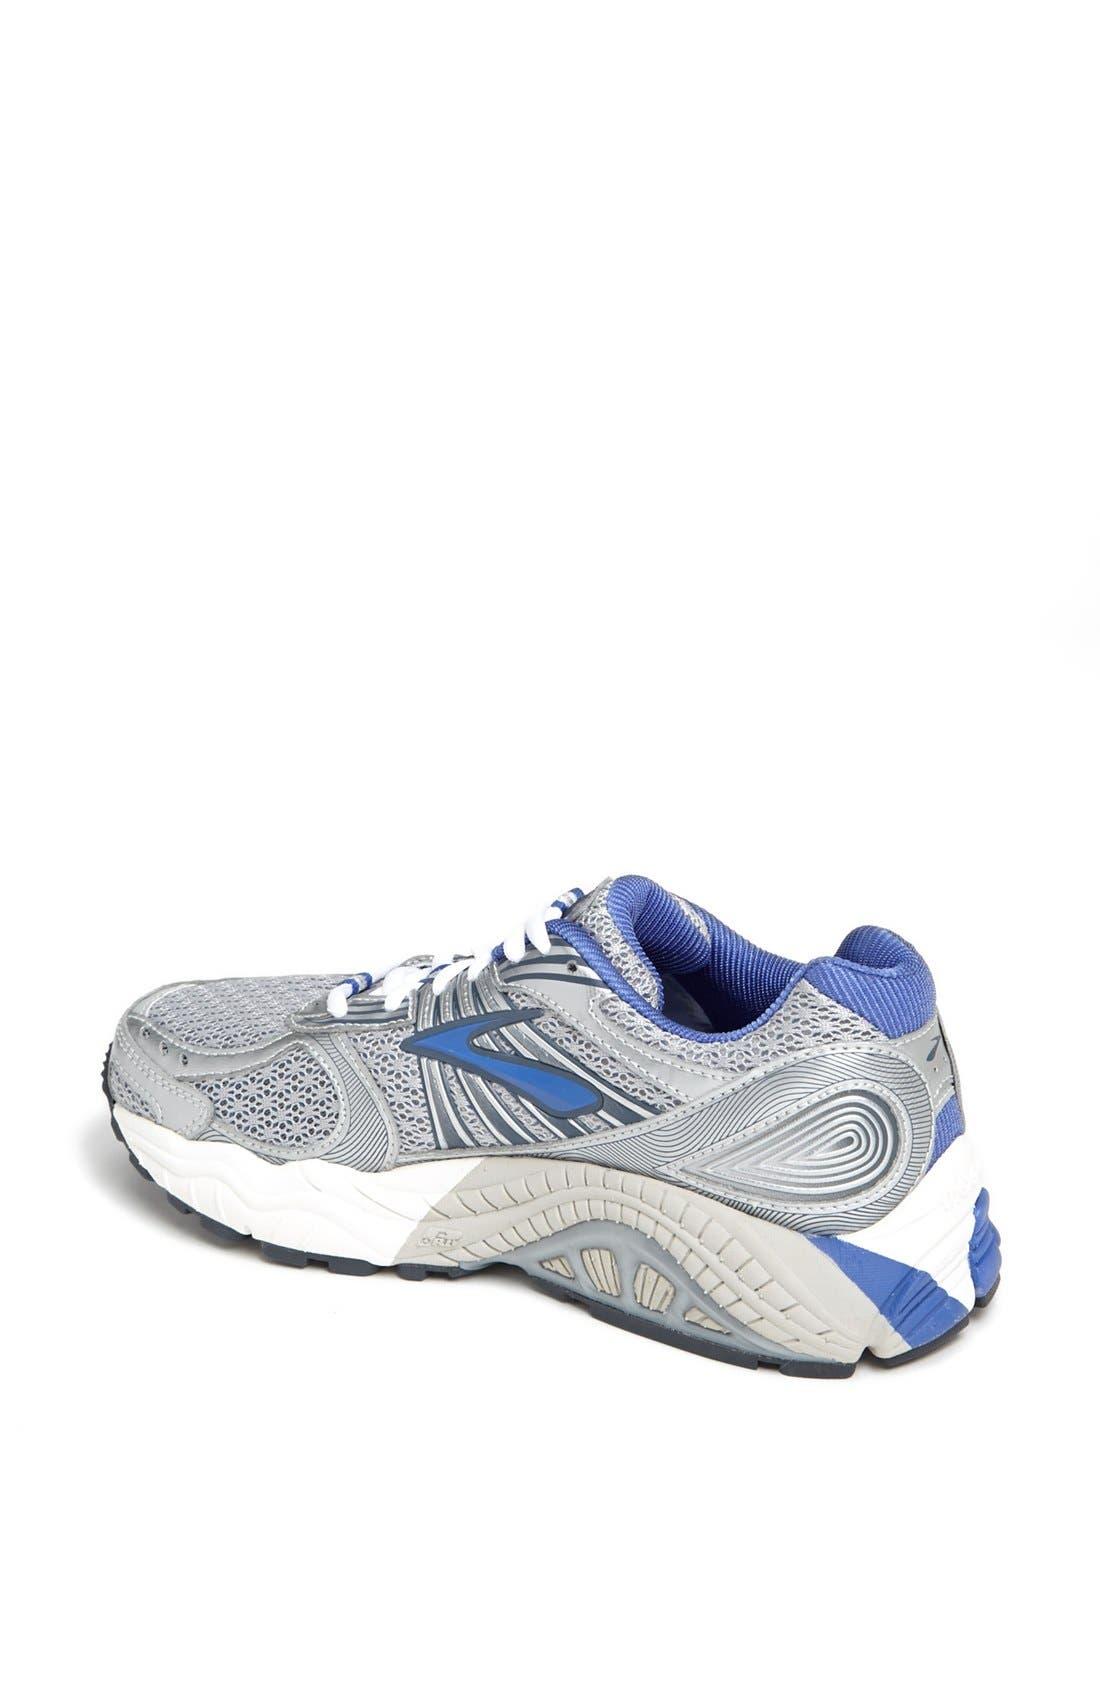 Alternate Image 2  - Brooks 'Ariel' Running Shoe (Women) (Regular Retail Price: $139.95)